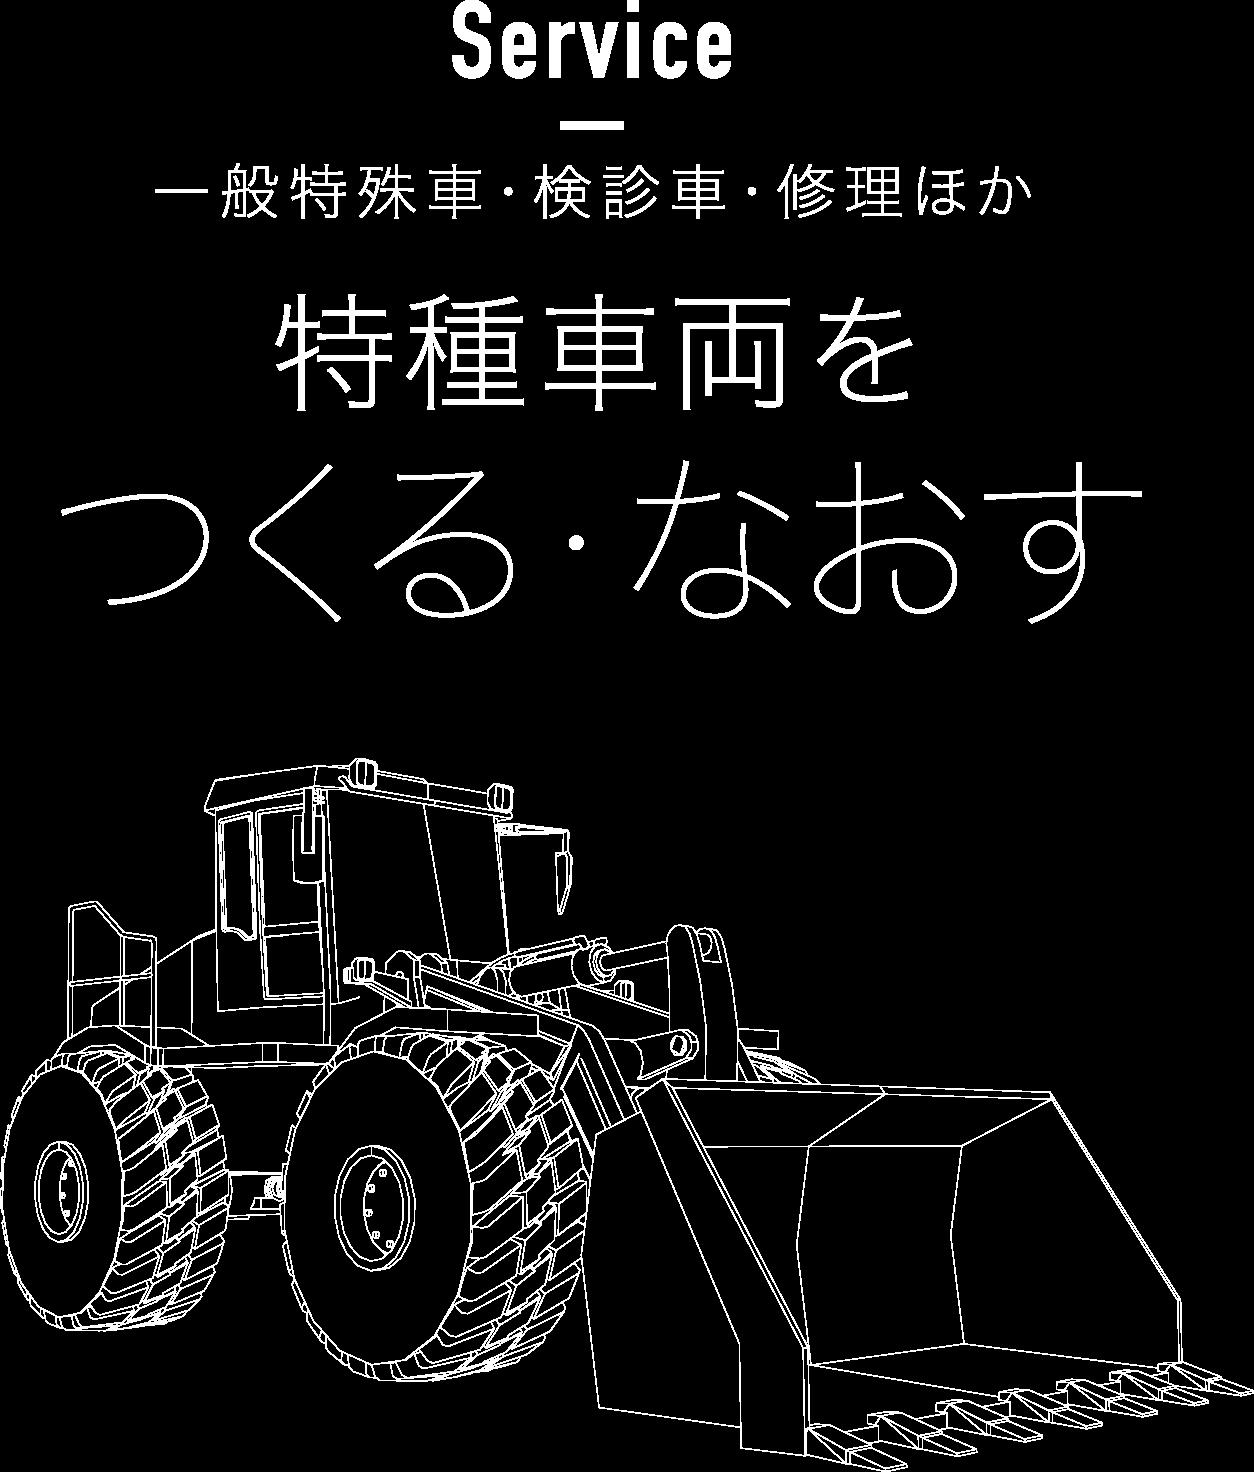 一般特殊車・検診車・修理ほか:特種車両をつくる・なおす